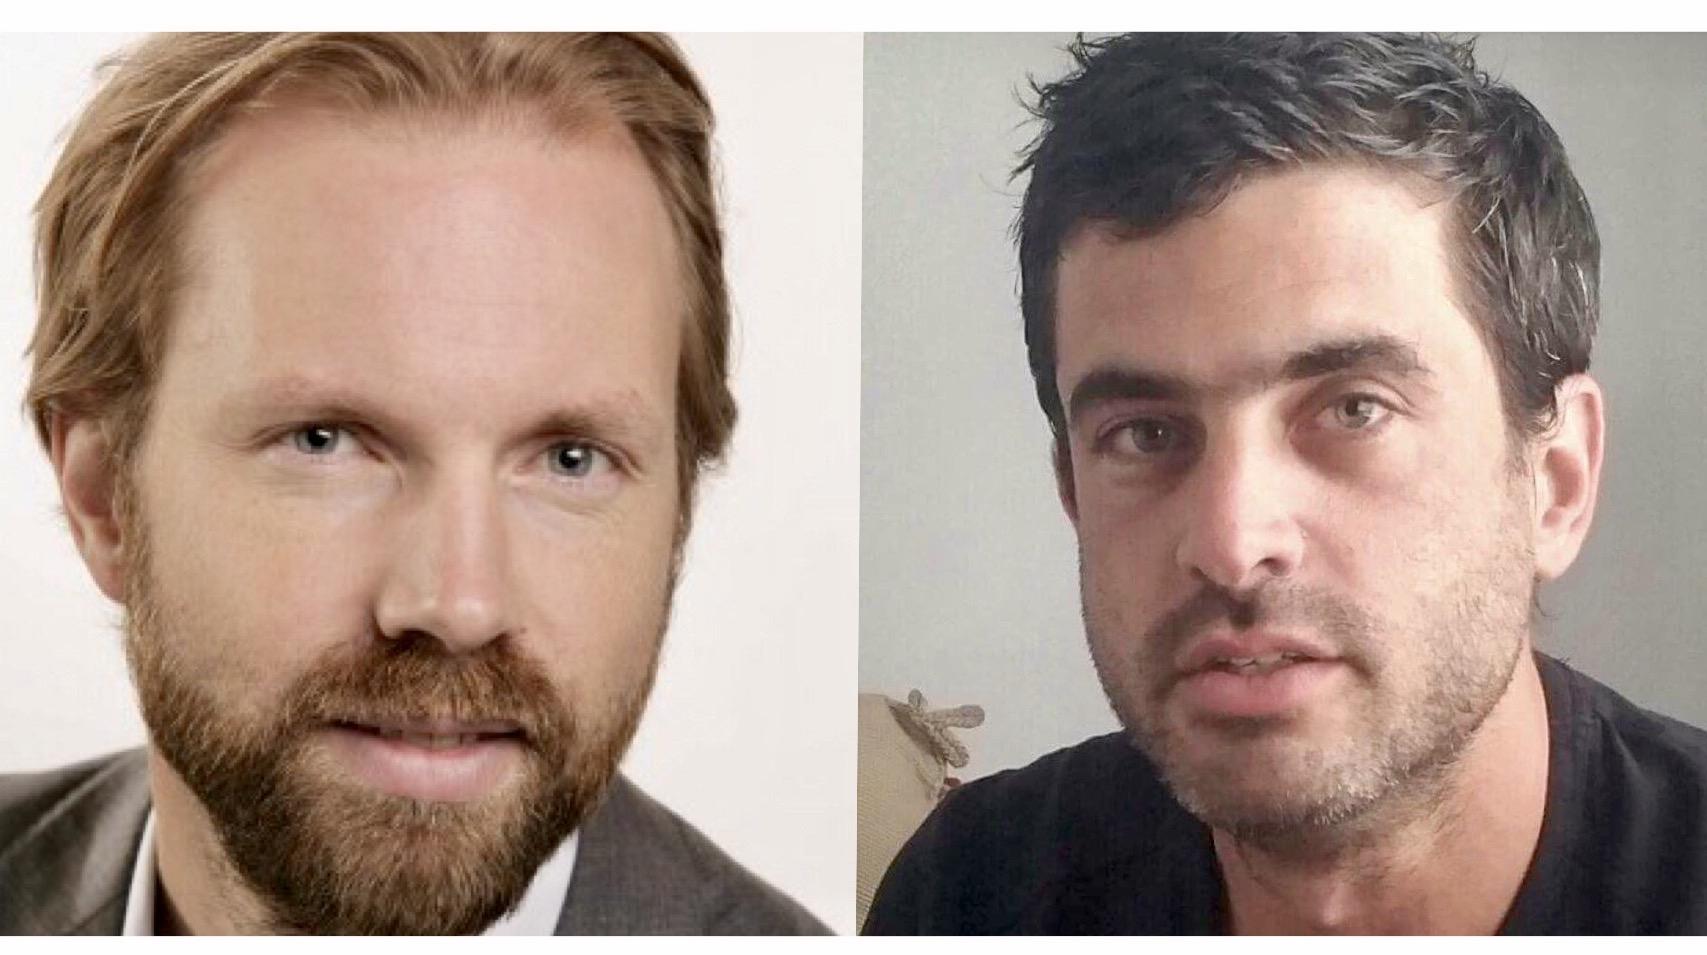 Foredrag ved Yahav Zohar og Sigurd Falkenberg Mikkelsen.